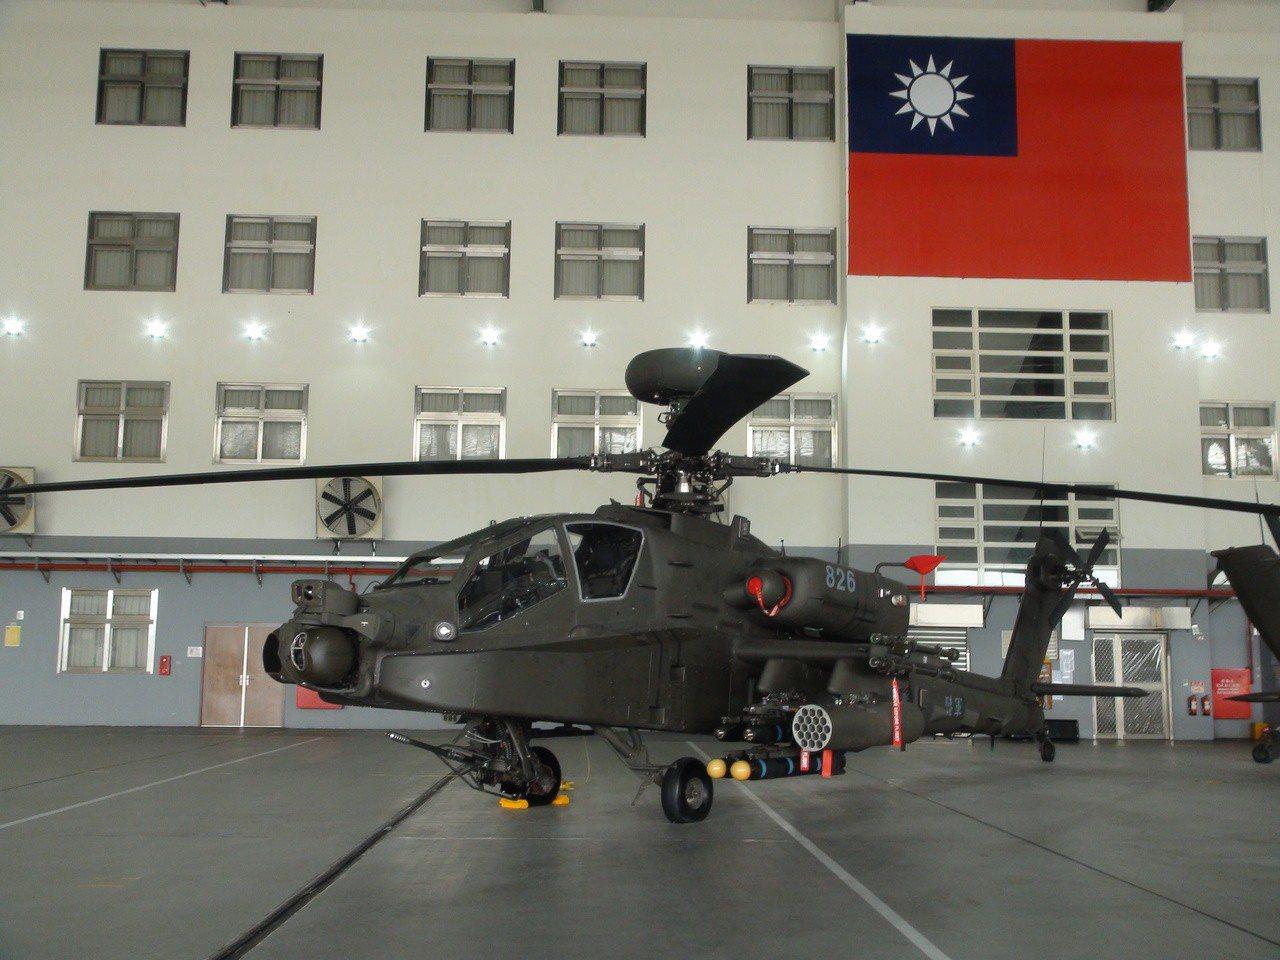 陸軍航特部AH-64E阿帕契攻擊直升機今年7月甫全戰備成軍,被揭露明年就要編9億...